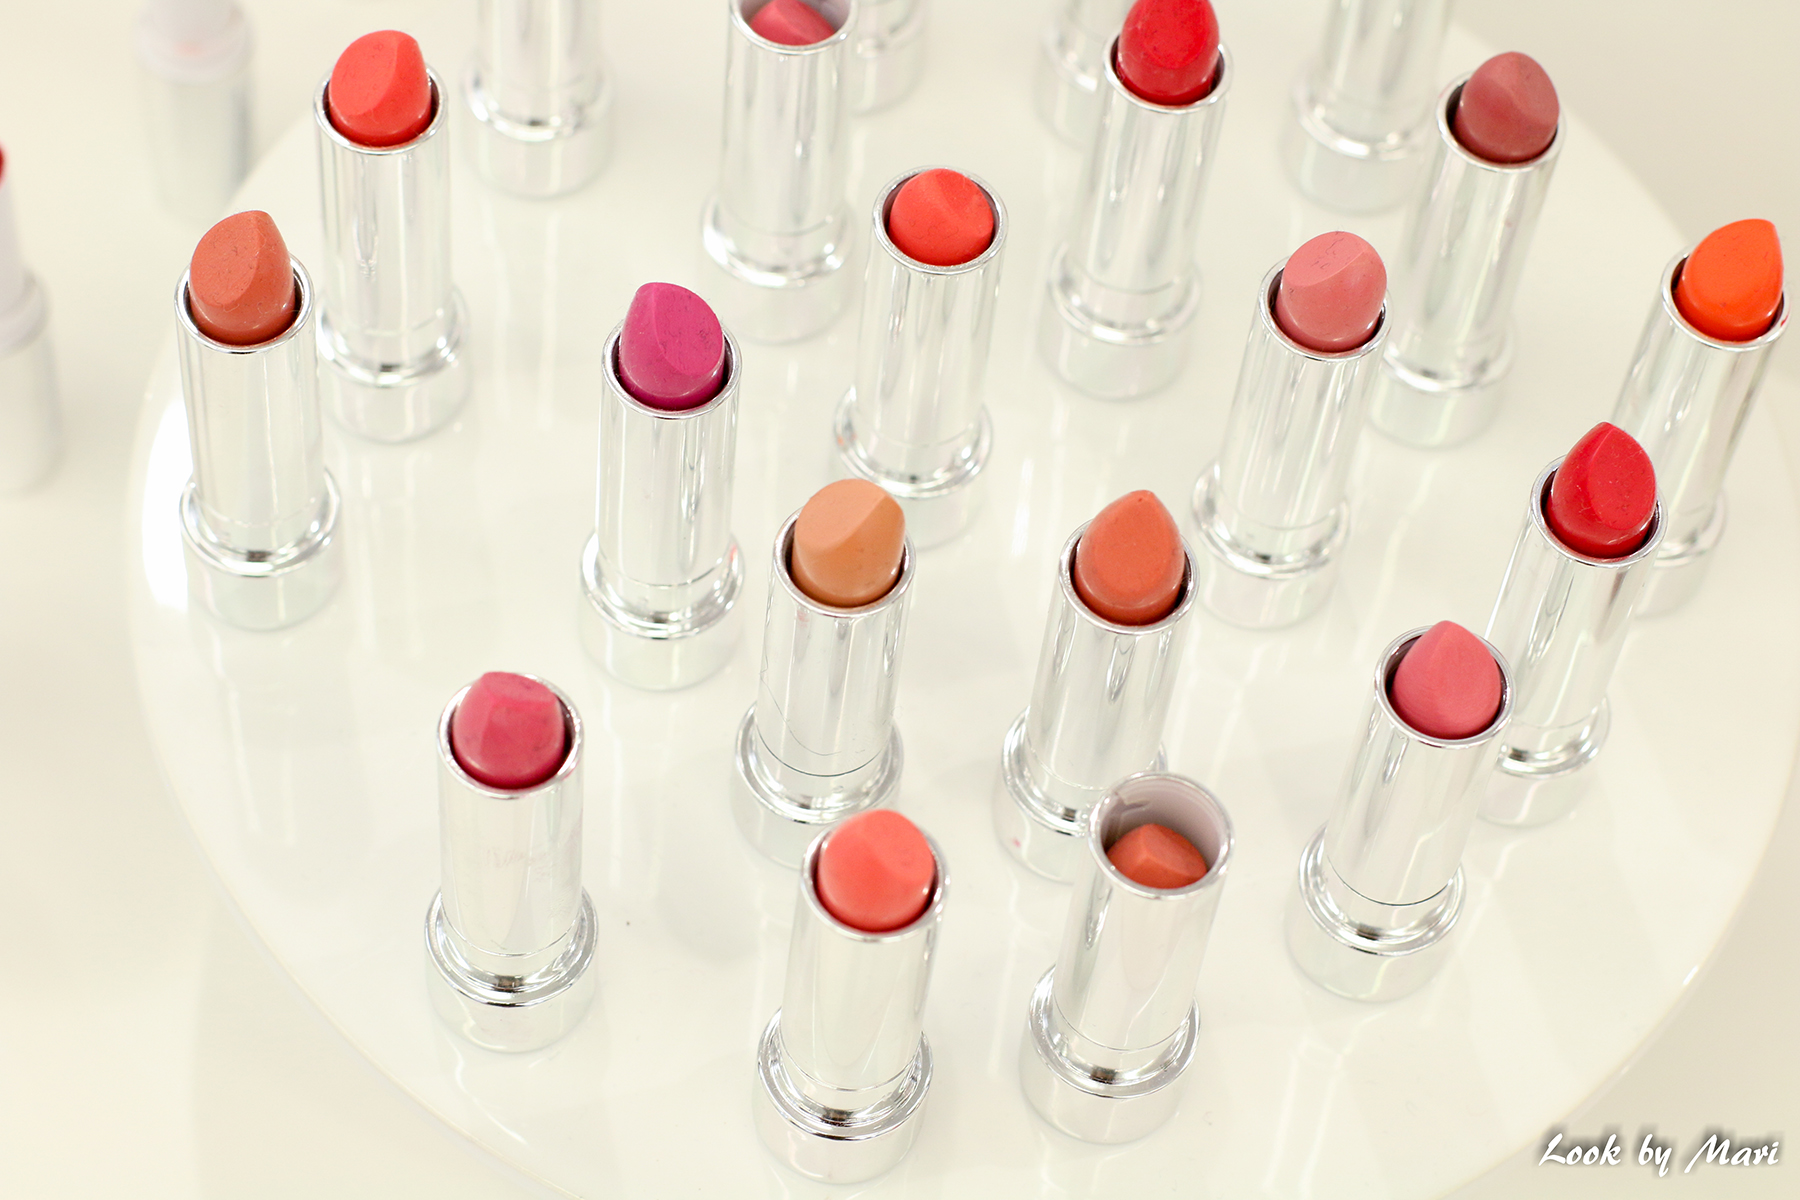 18 lumene lipstick review shades colors kokemuksia